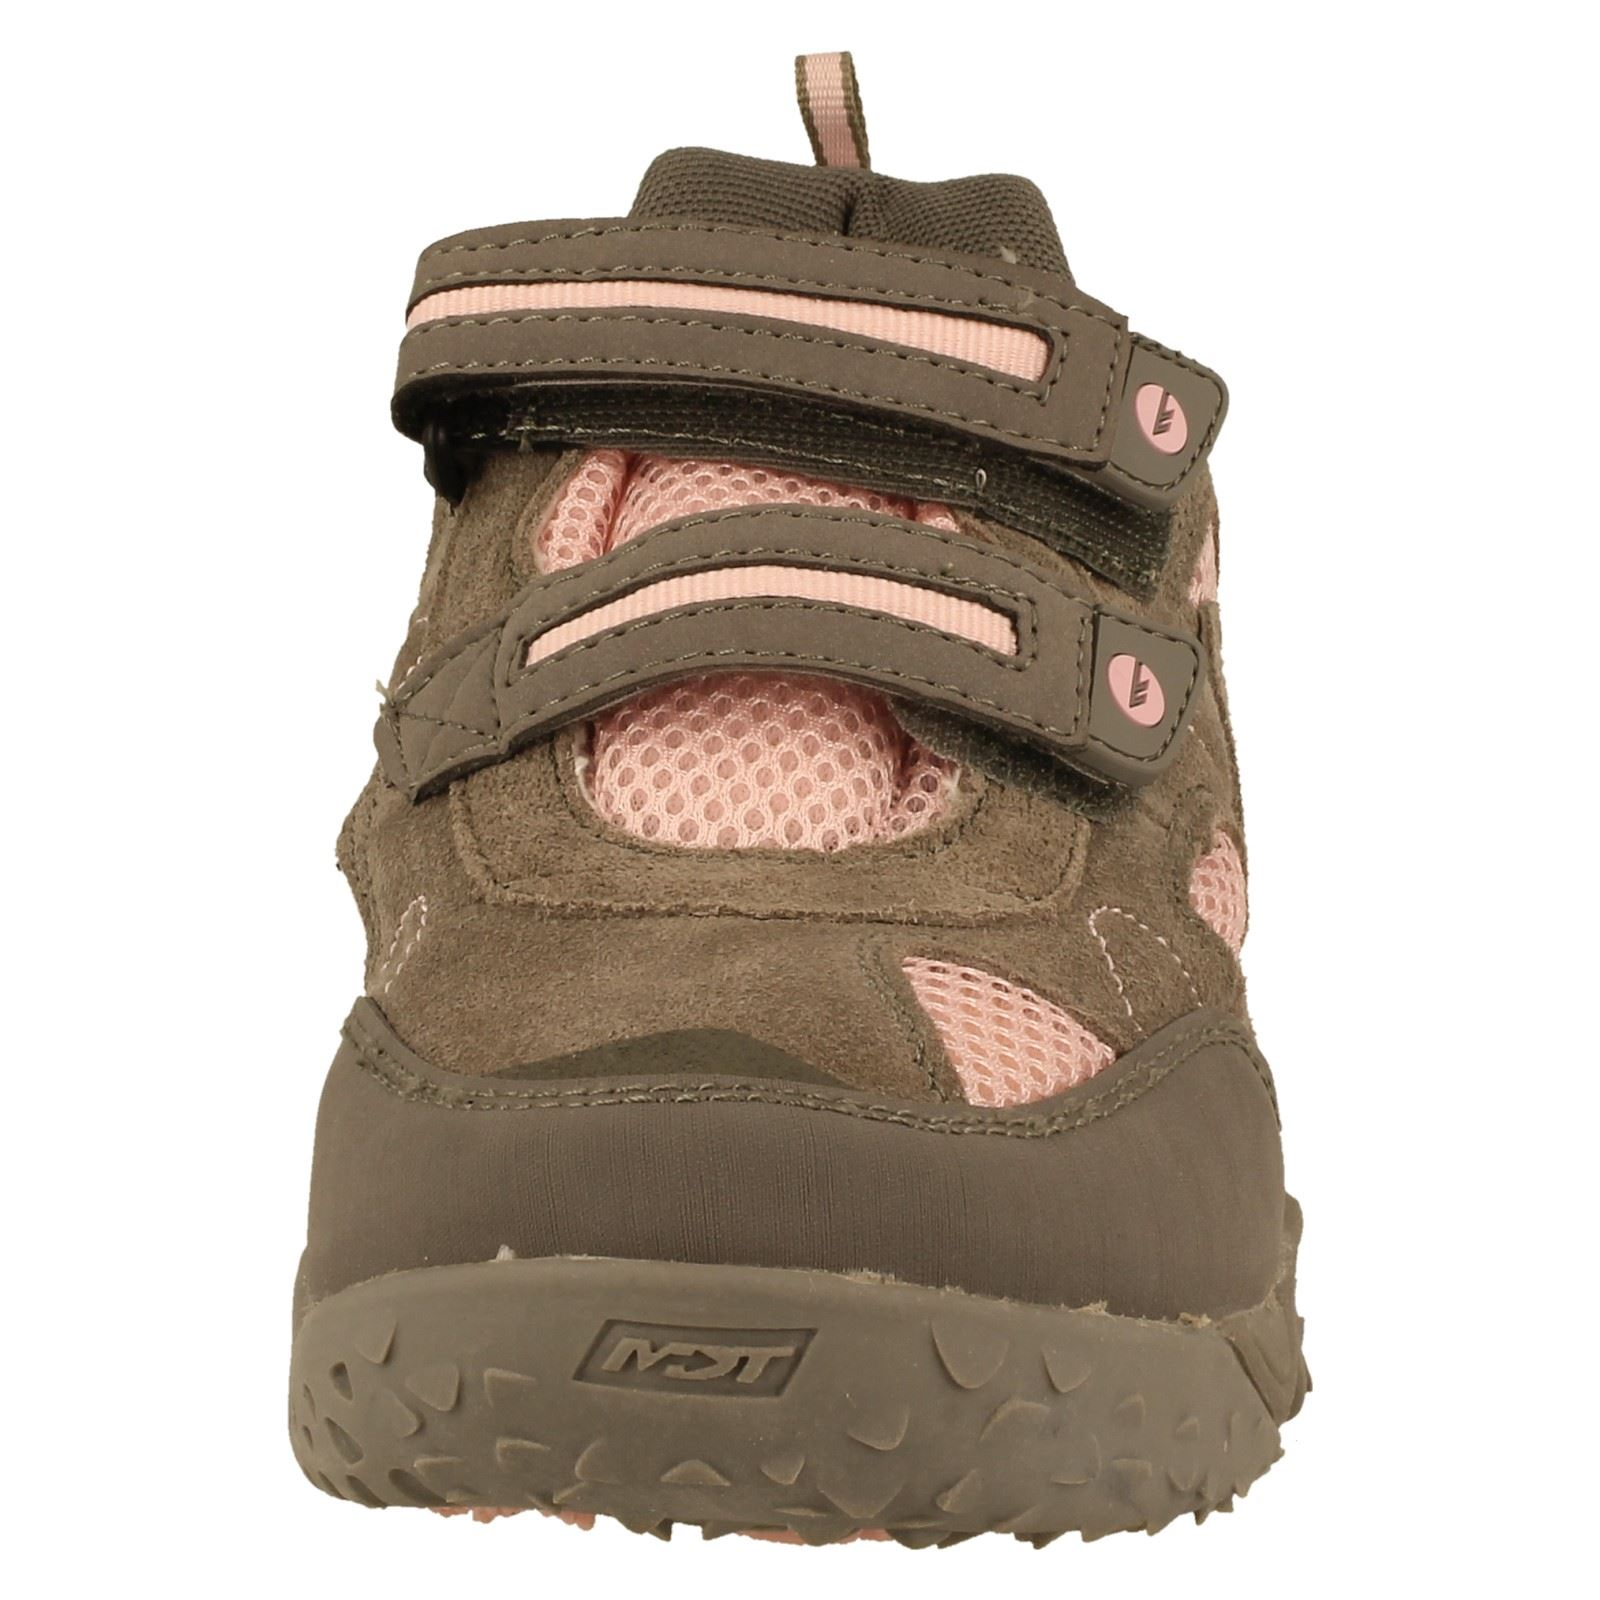 Chicas Hi-Tec Zapatillas Etiqueta TT Ez Jr-W